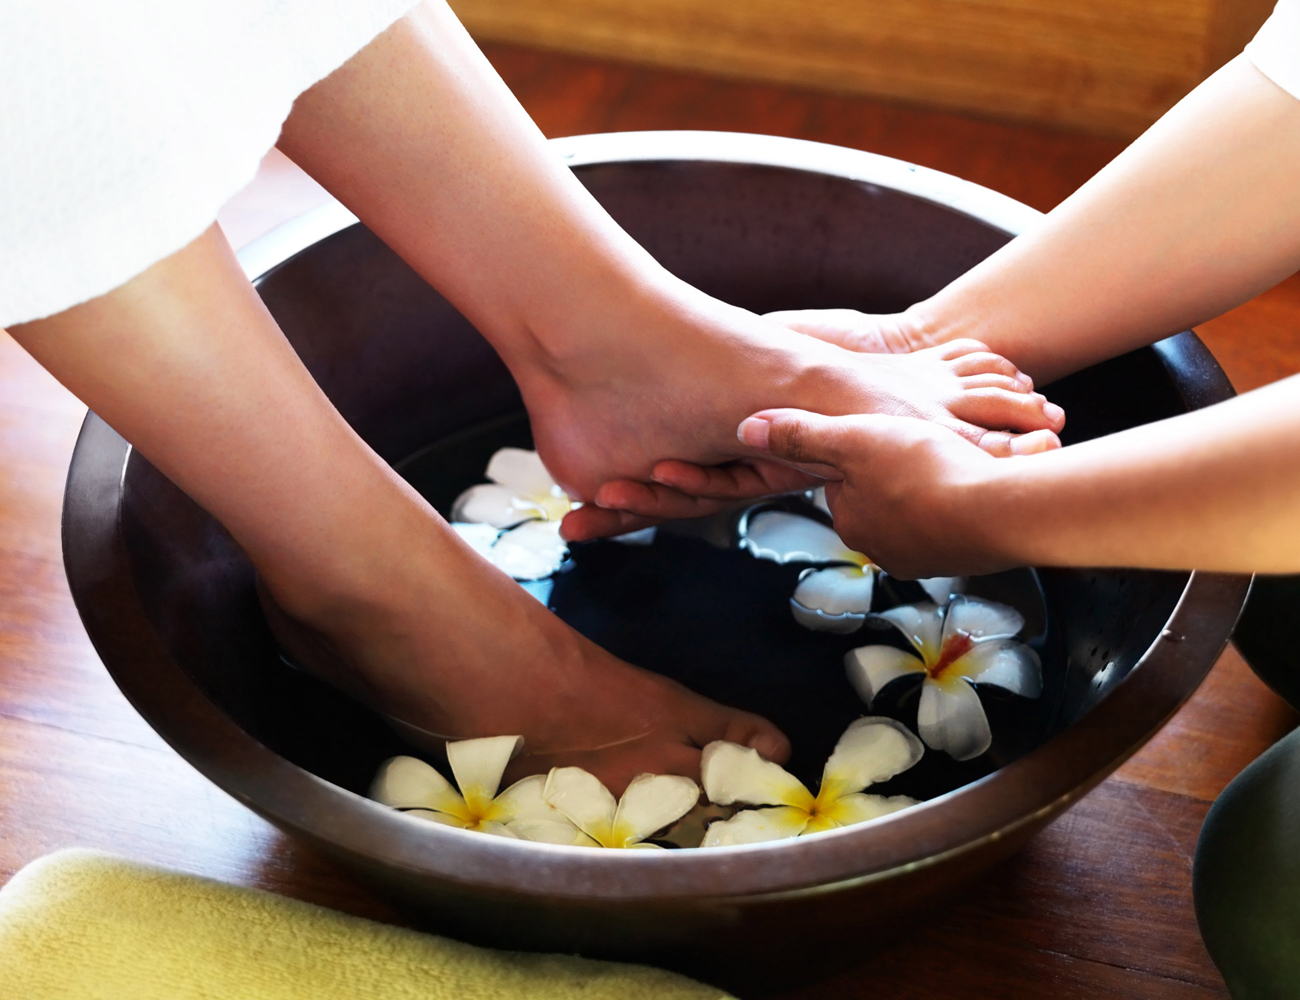 Hướng dẫn các cách để bạn chữa trị nhức chân ở nhà